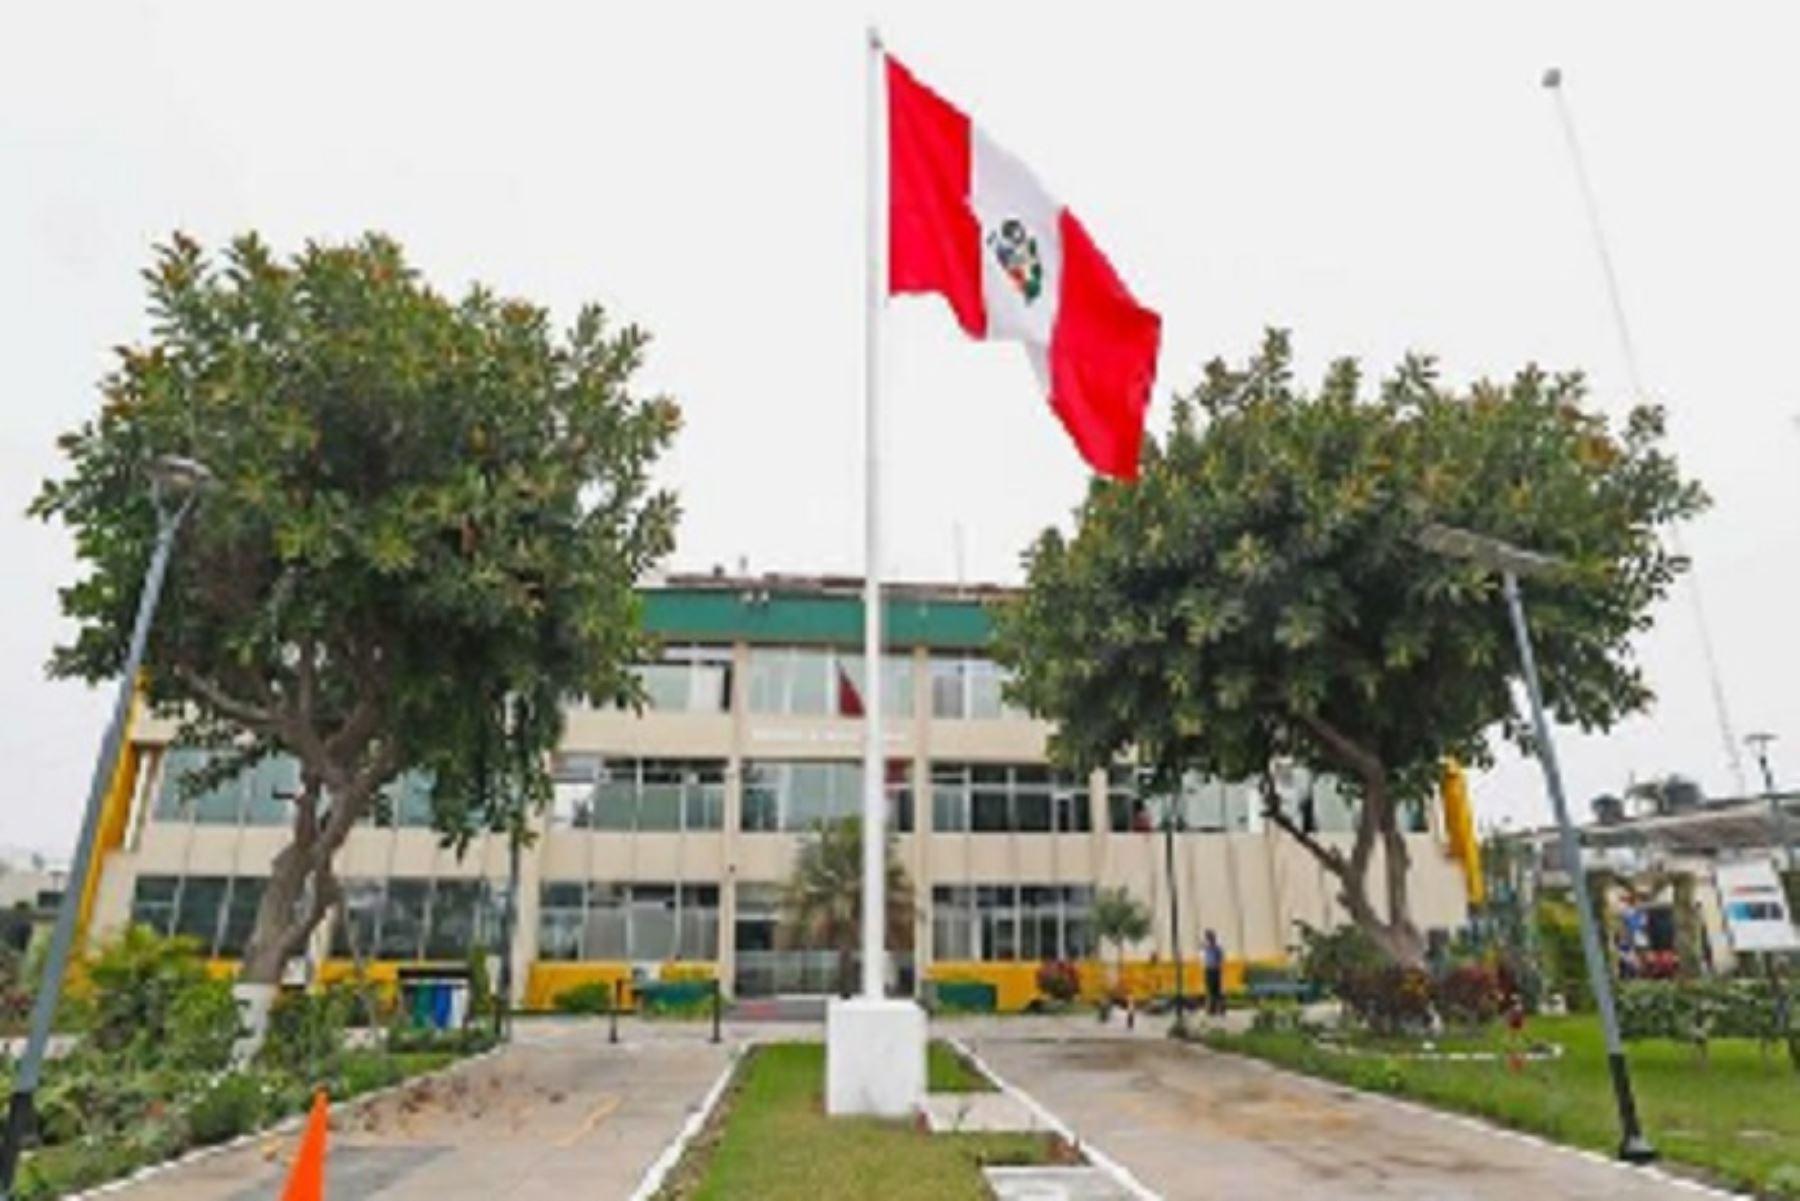 El Ministerio de Energía y Minas lamenta intempestivos cambios de sede en reunión programada en Chumbivilcas. ANDINA/Difusión